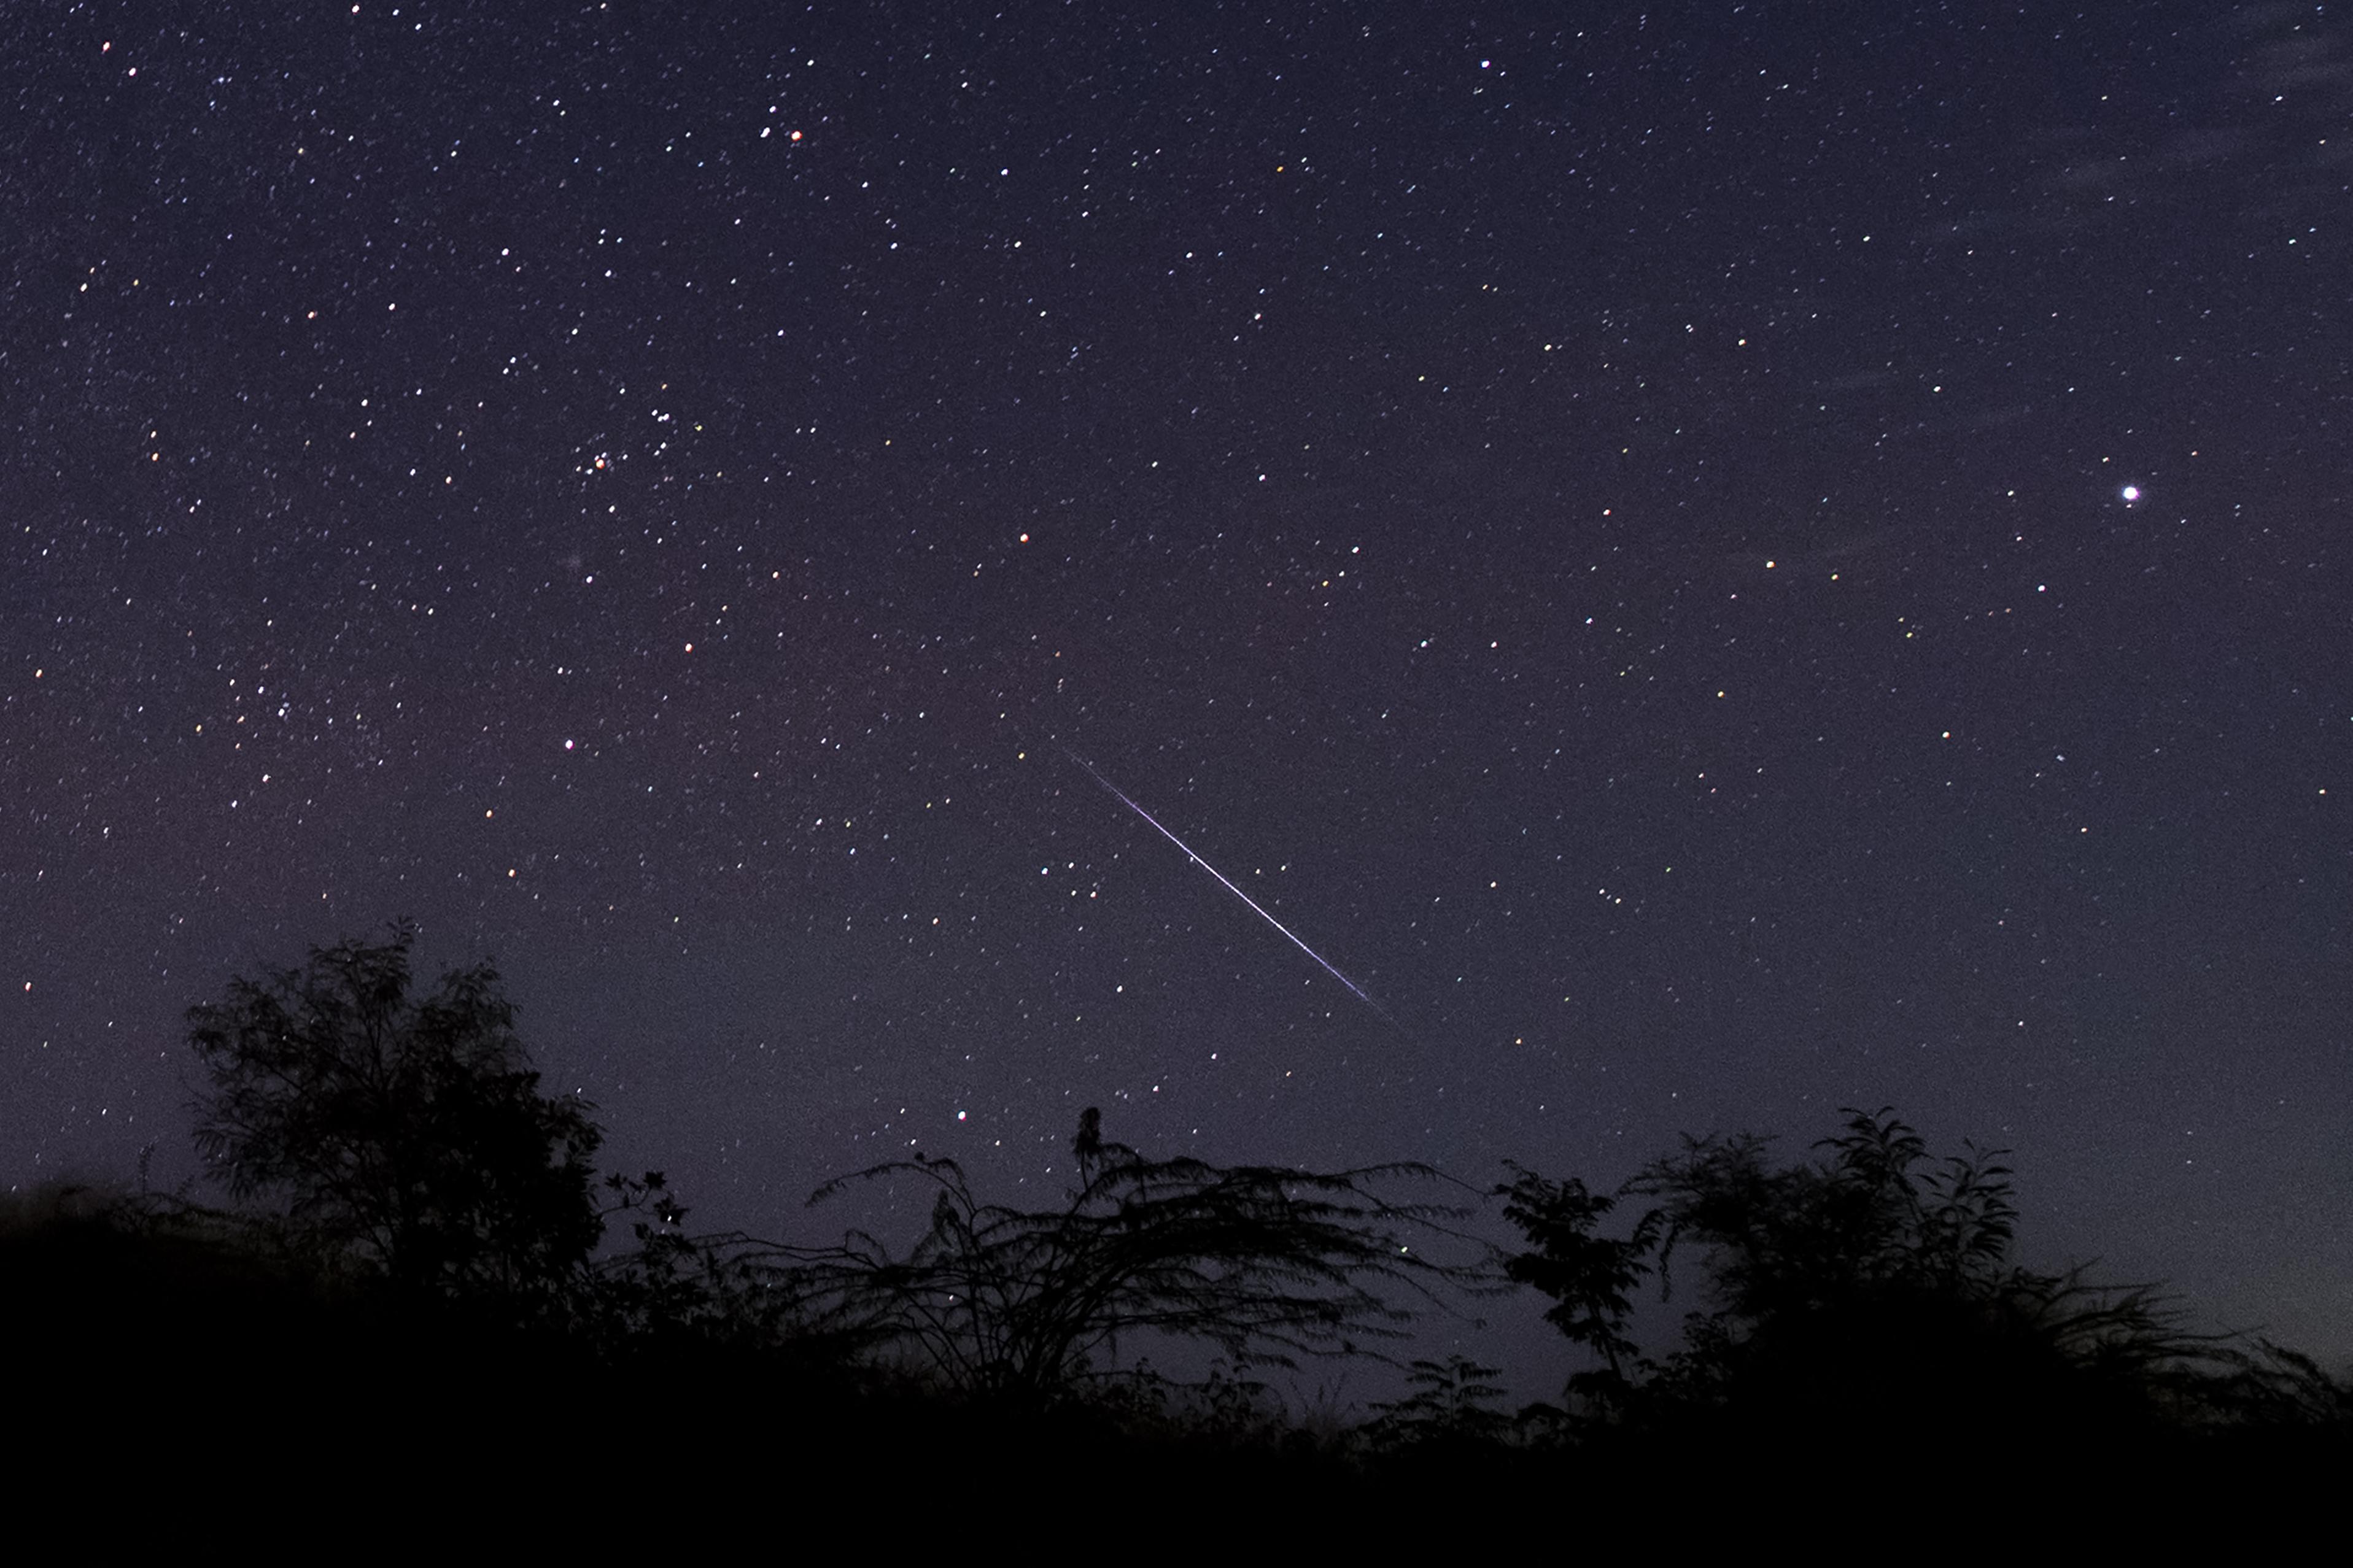 Chuva de meteoros Perseidas alcançará seu pico nesta quarta (11) e quinta-feira (12) e deve ser visível em grande parte do Brasil